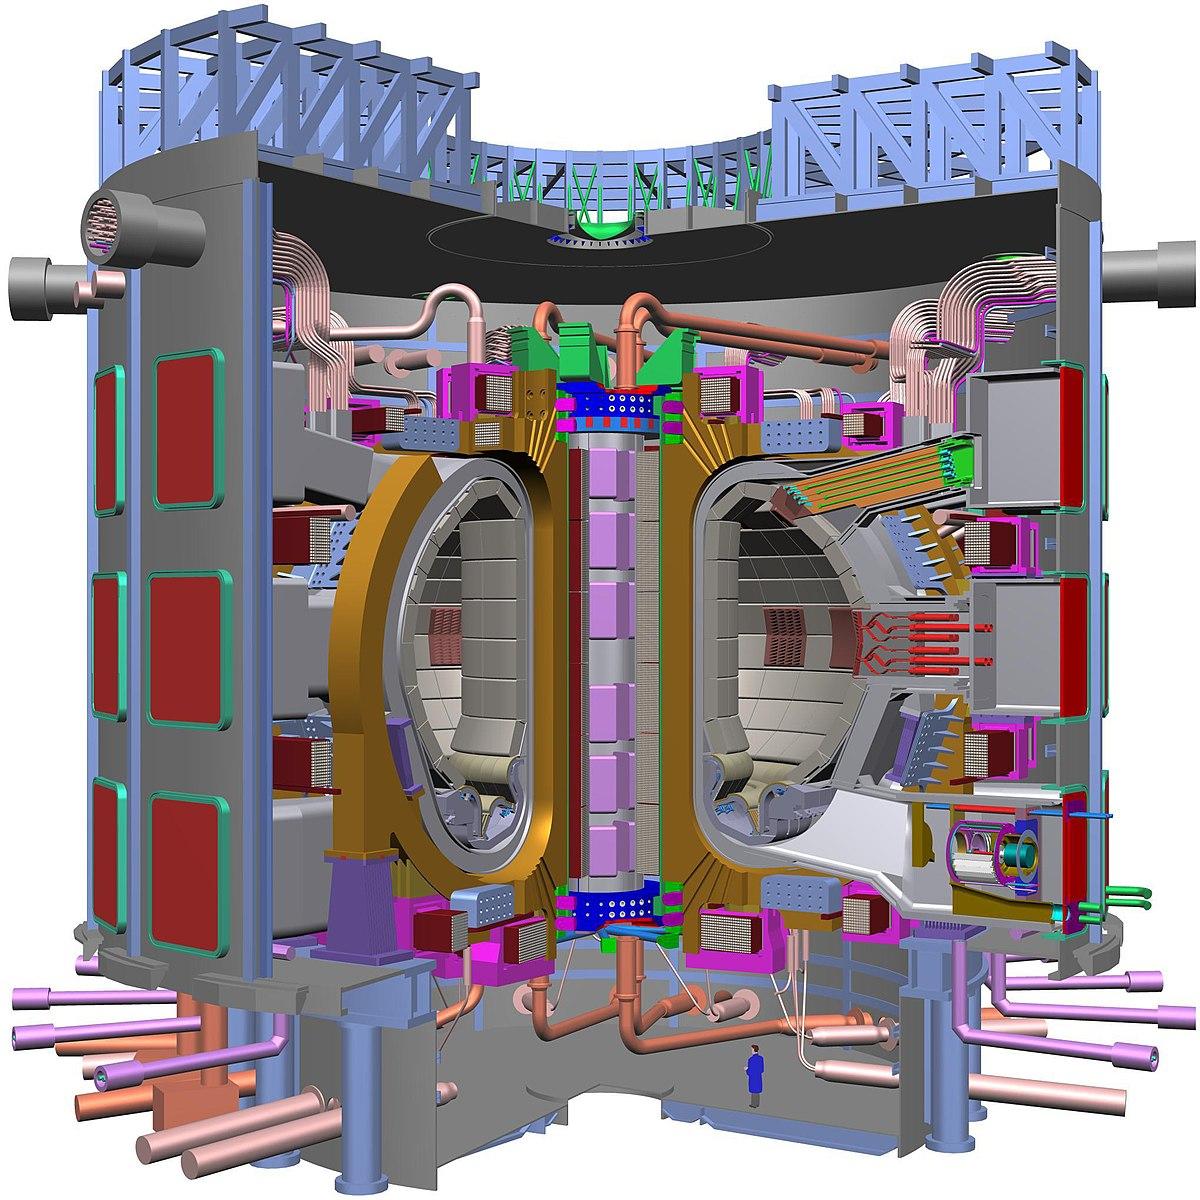 U.S. Department of Energy - Science - 425 003 001 (9786811206).jpg